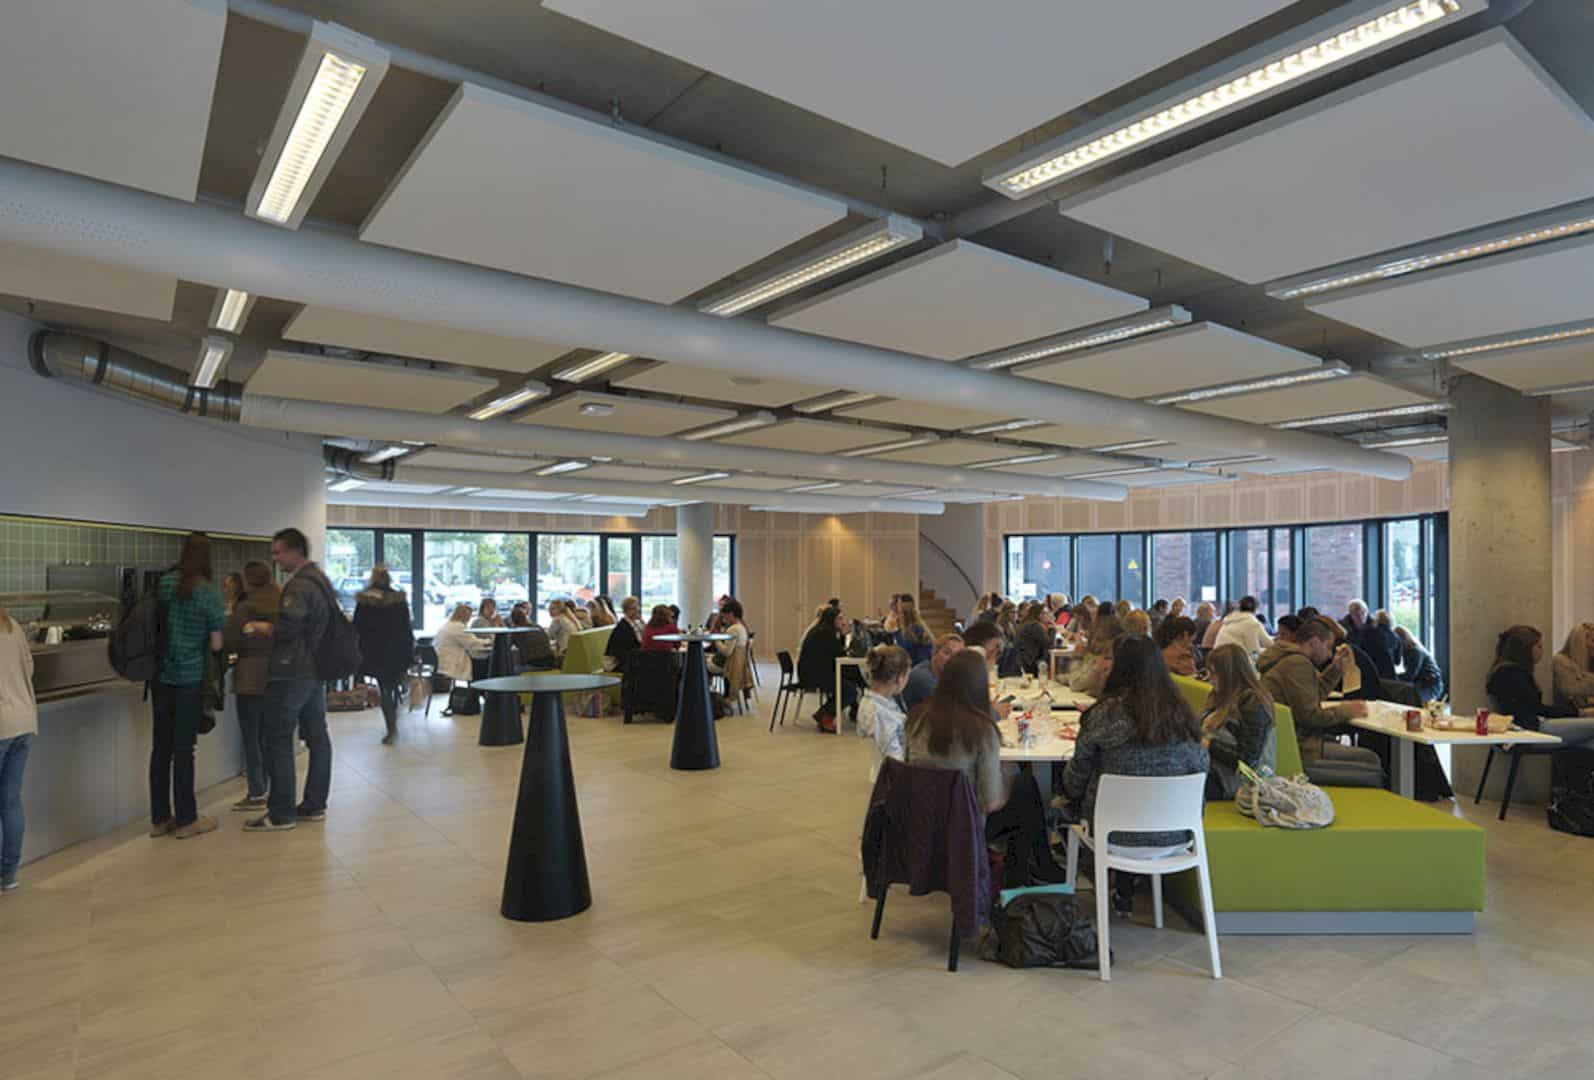 Kellebeek College Roosendaal By Jeanne Dekkers Architectuur 6